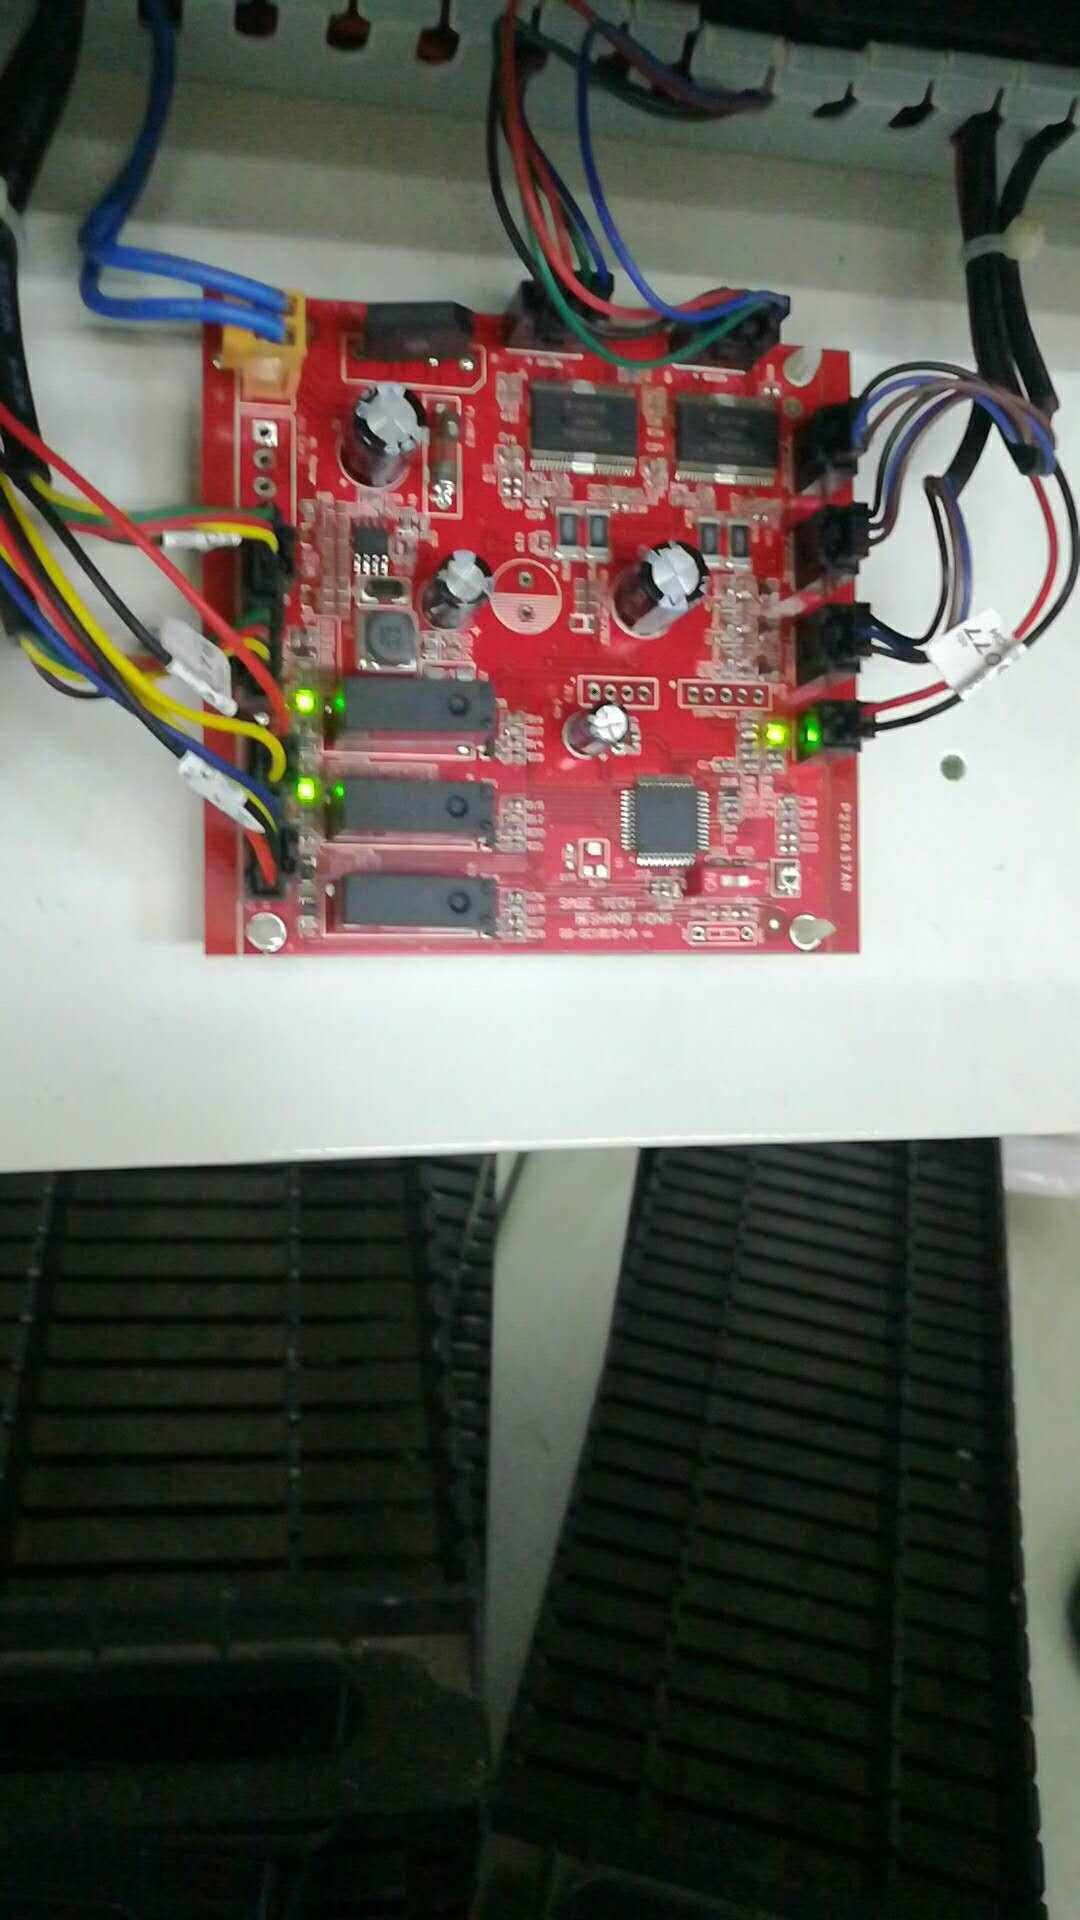 焊接后焊加工訂單_大安偉業_貼片_電子_焊接_超聲波_pcb